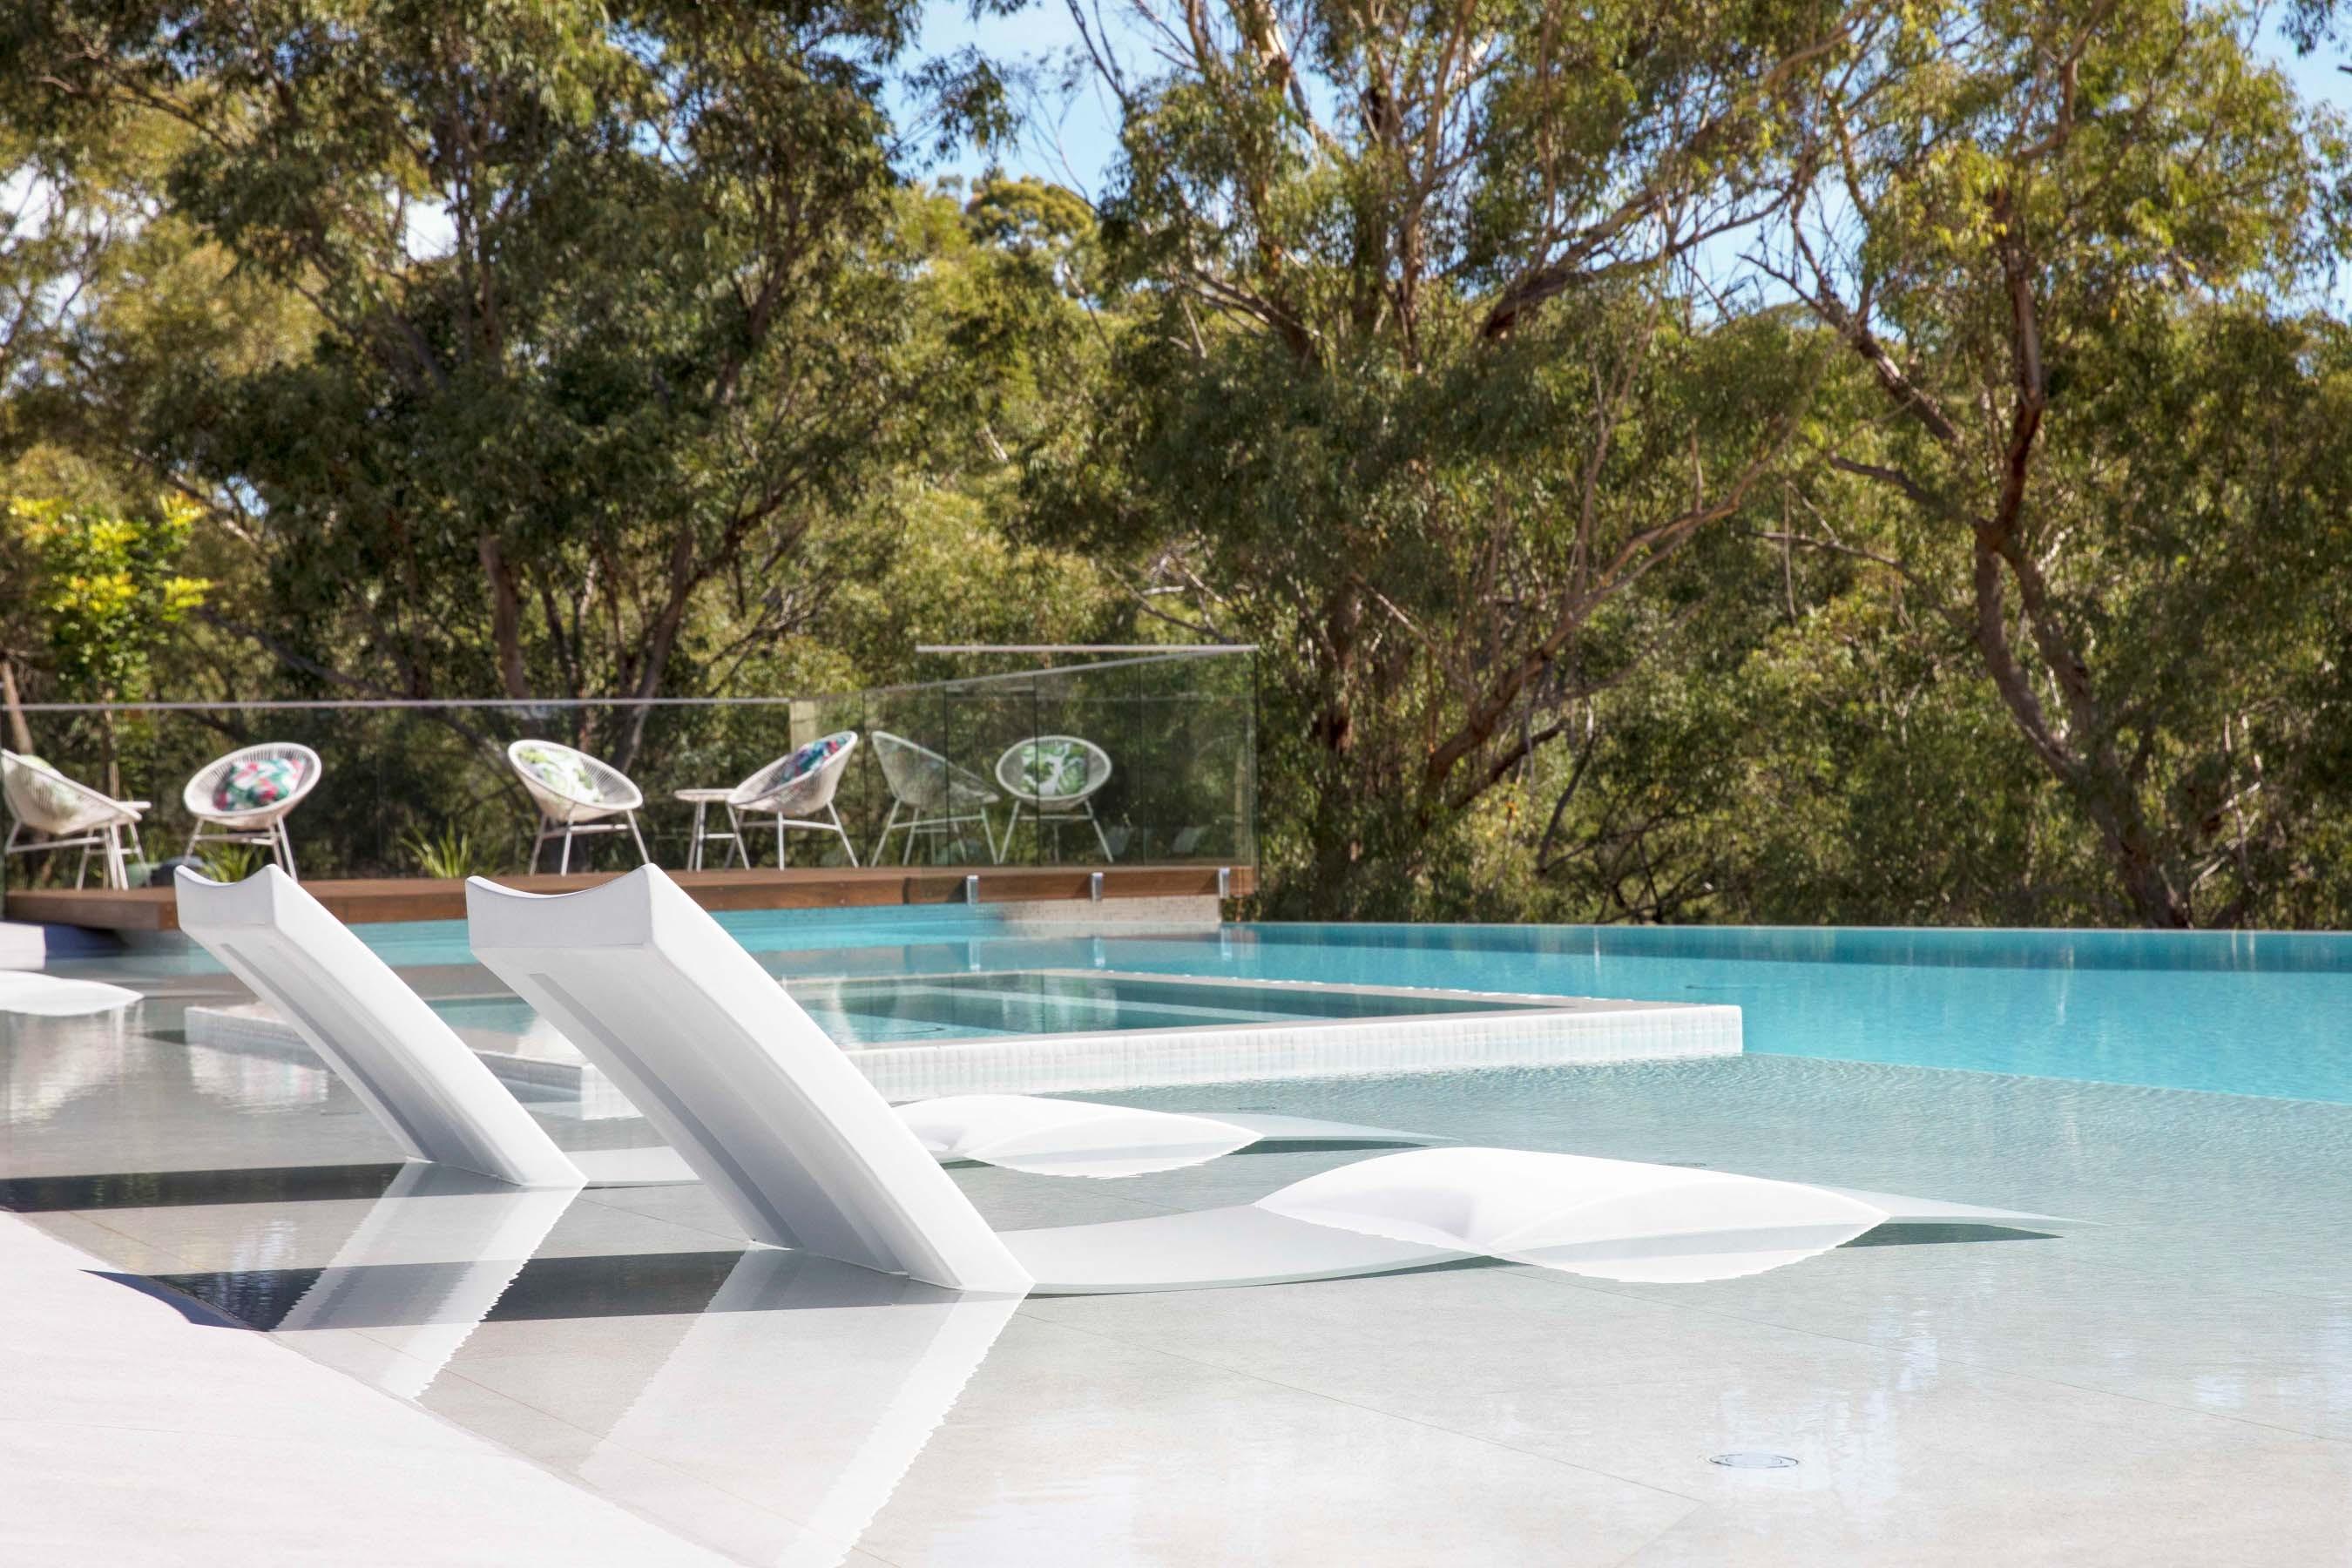 Pool-Tiles Gallery Australian whitehaven-04